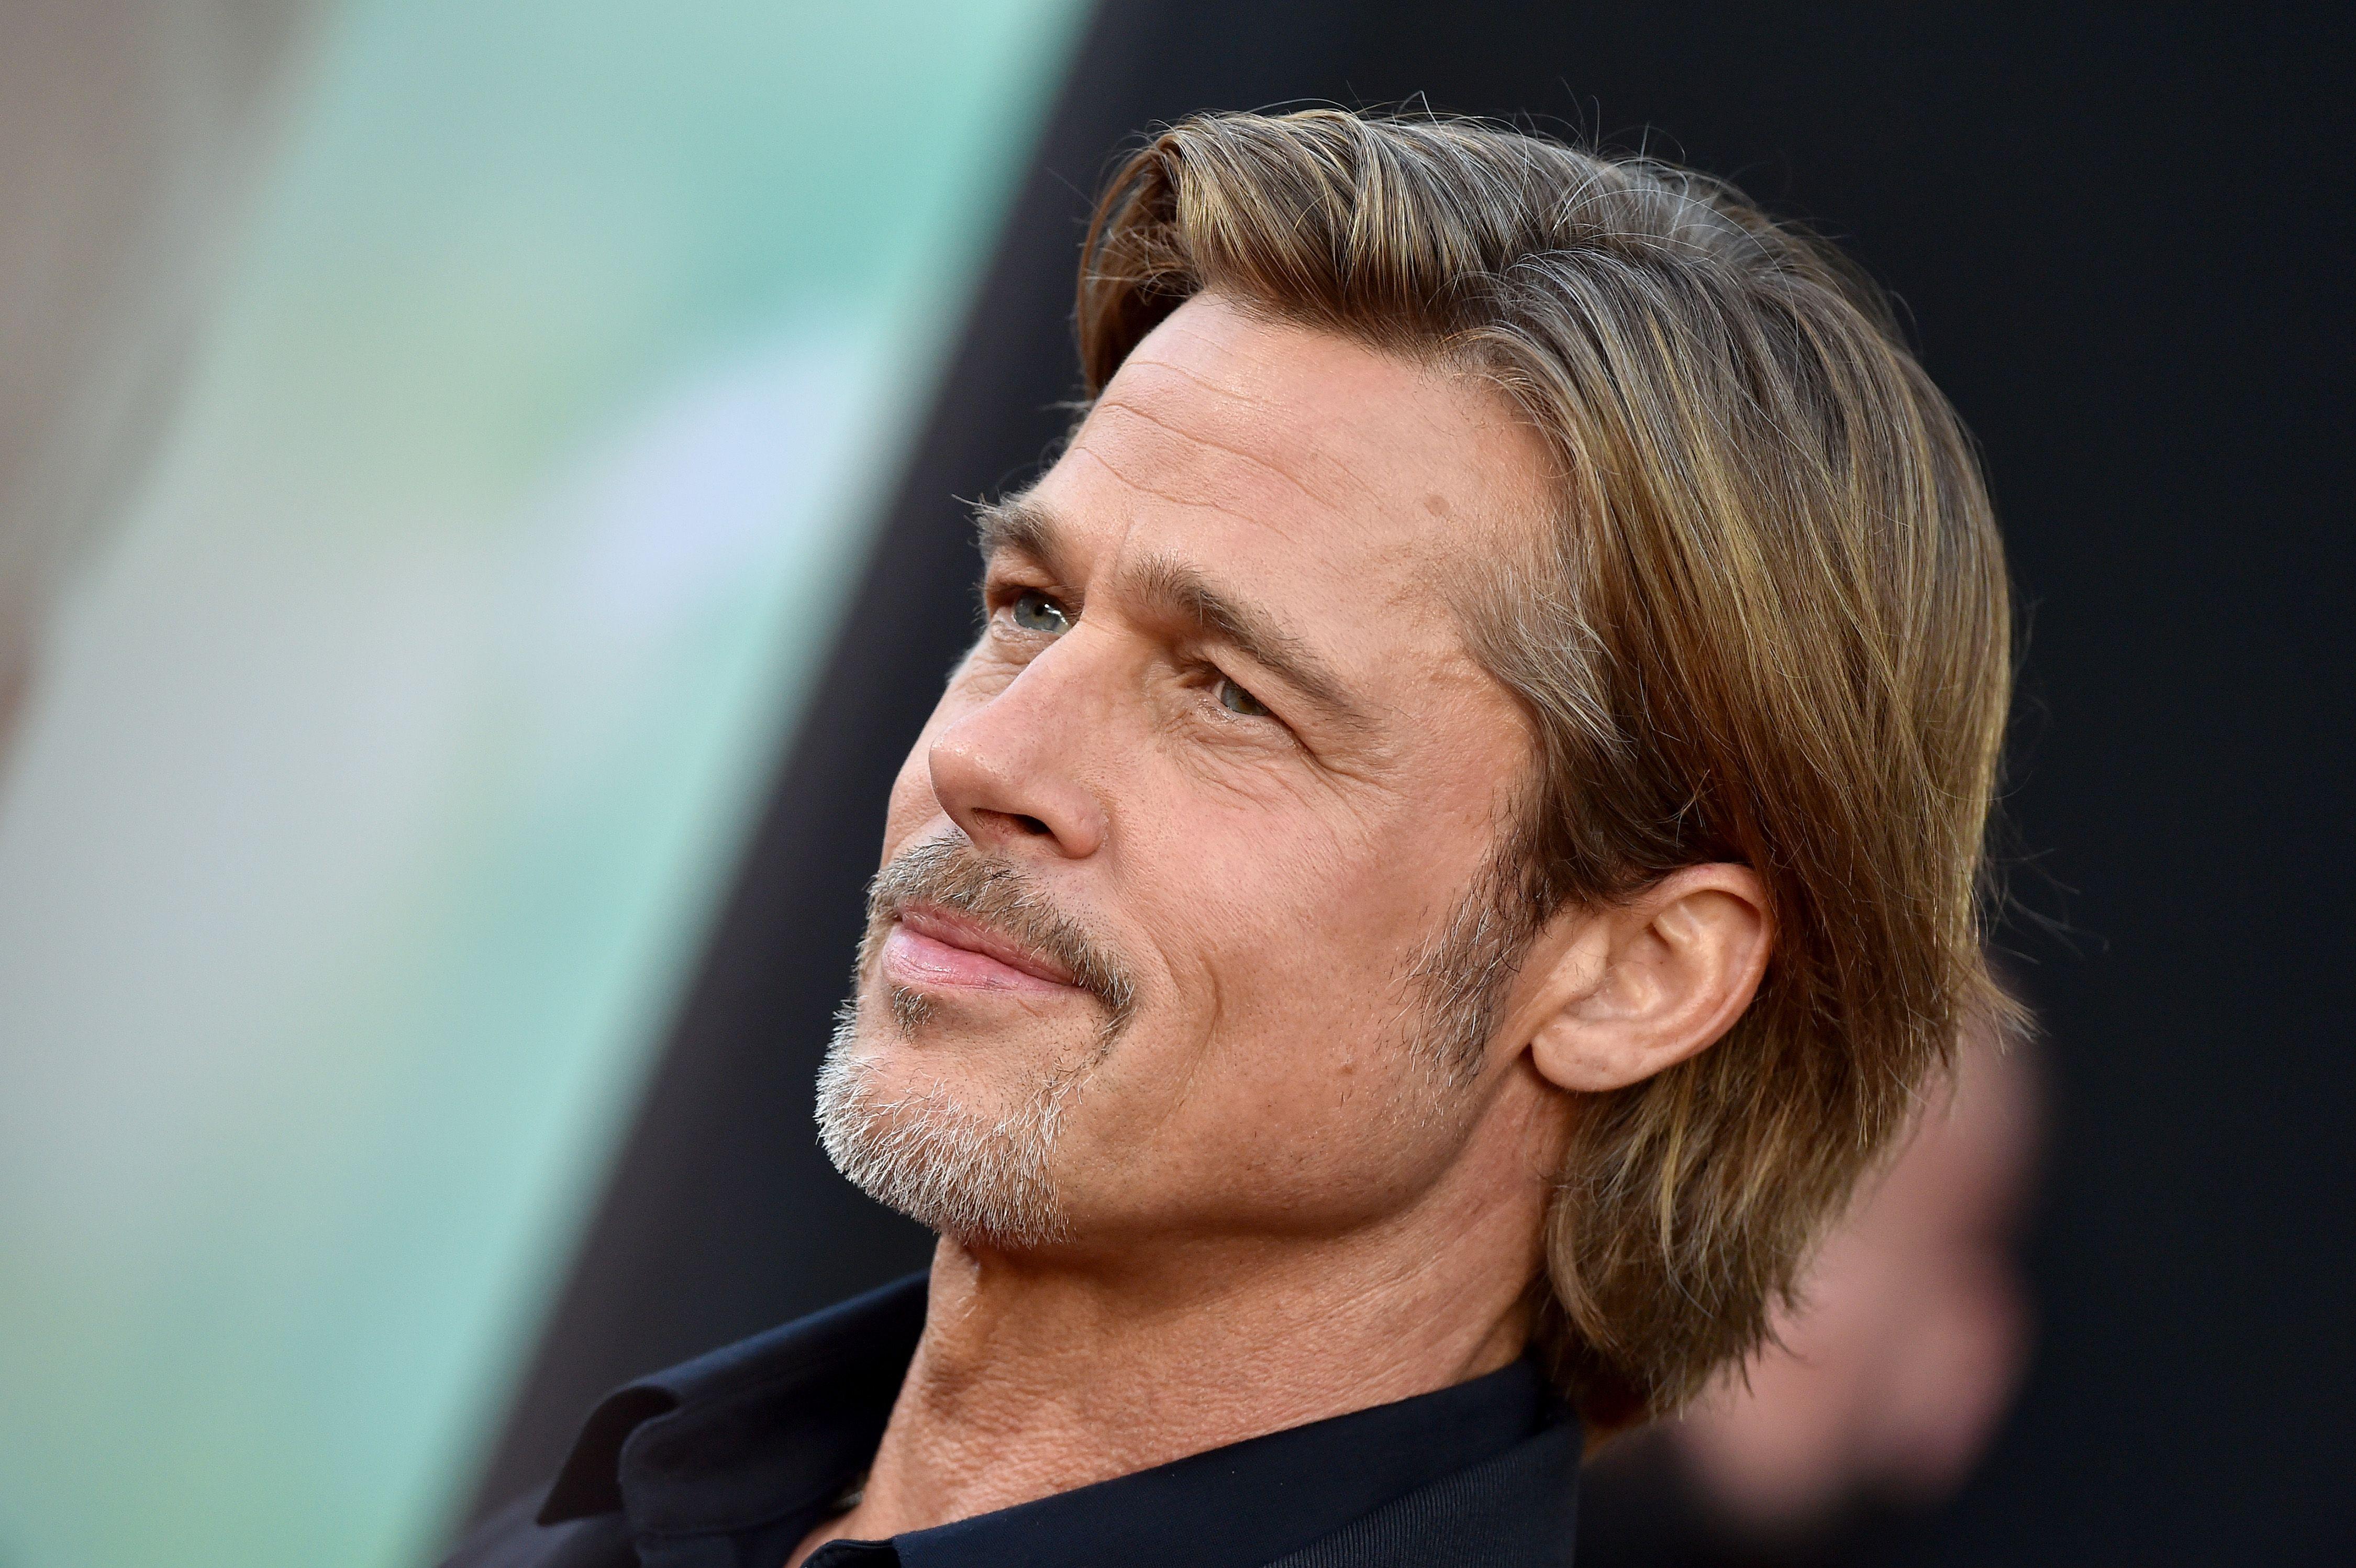 Brad Pitt o Brooklyn Beckham tienen los cortes de pelo para hombre del otoño